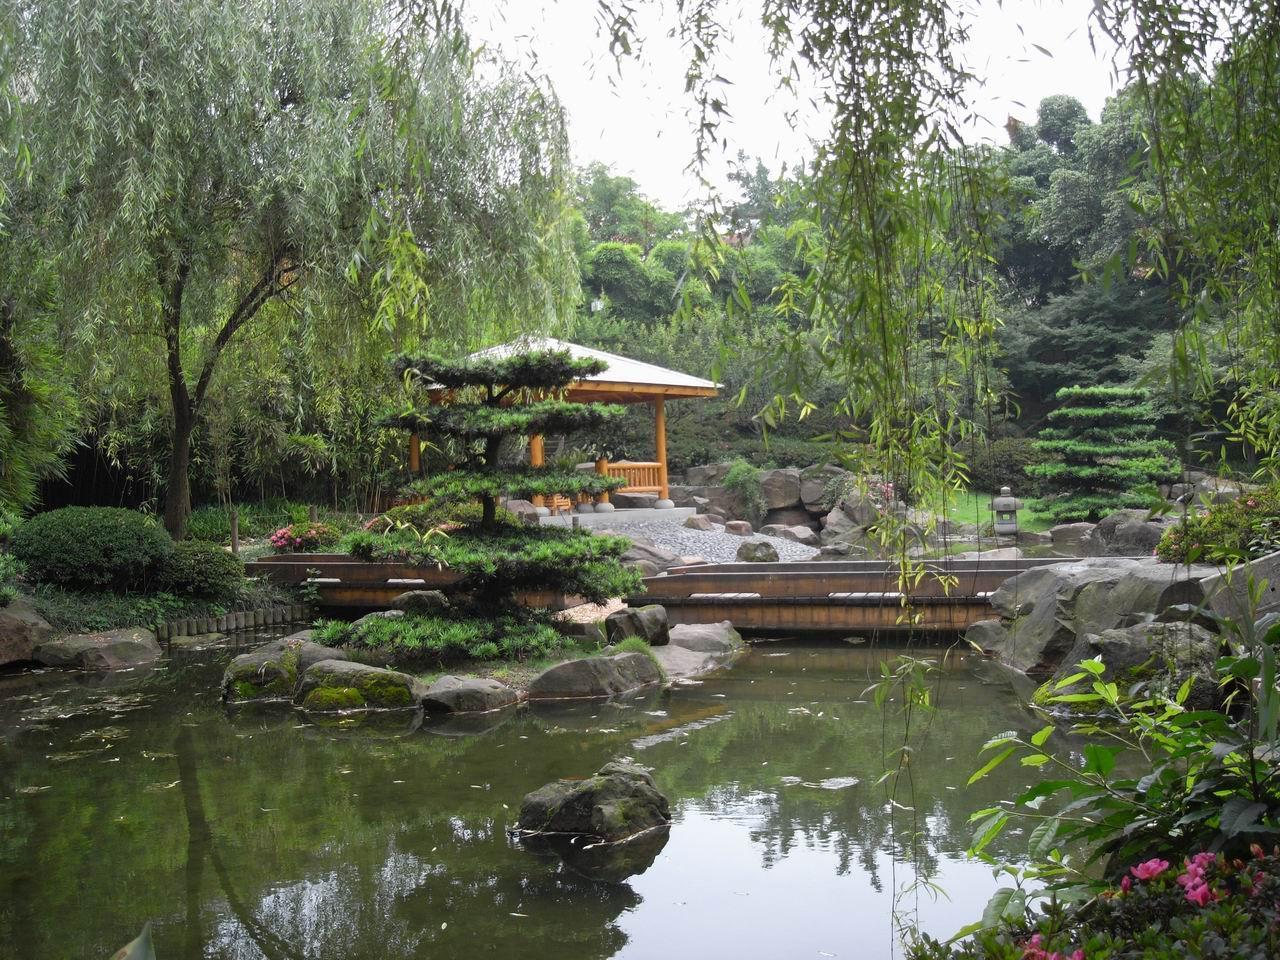 鹅岭公园位于重庆半岛最高处,瞰胜楼(两江亭)高耸九重,登楼远眺,两江